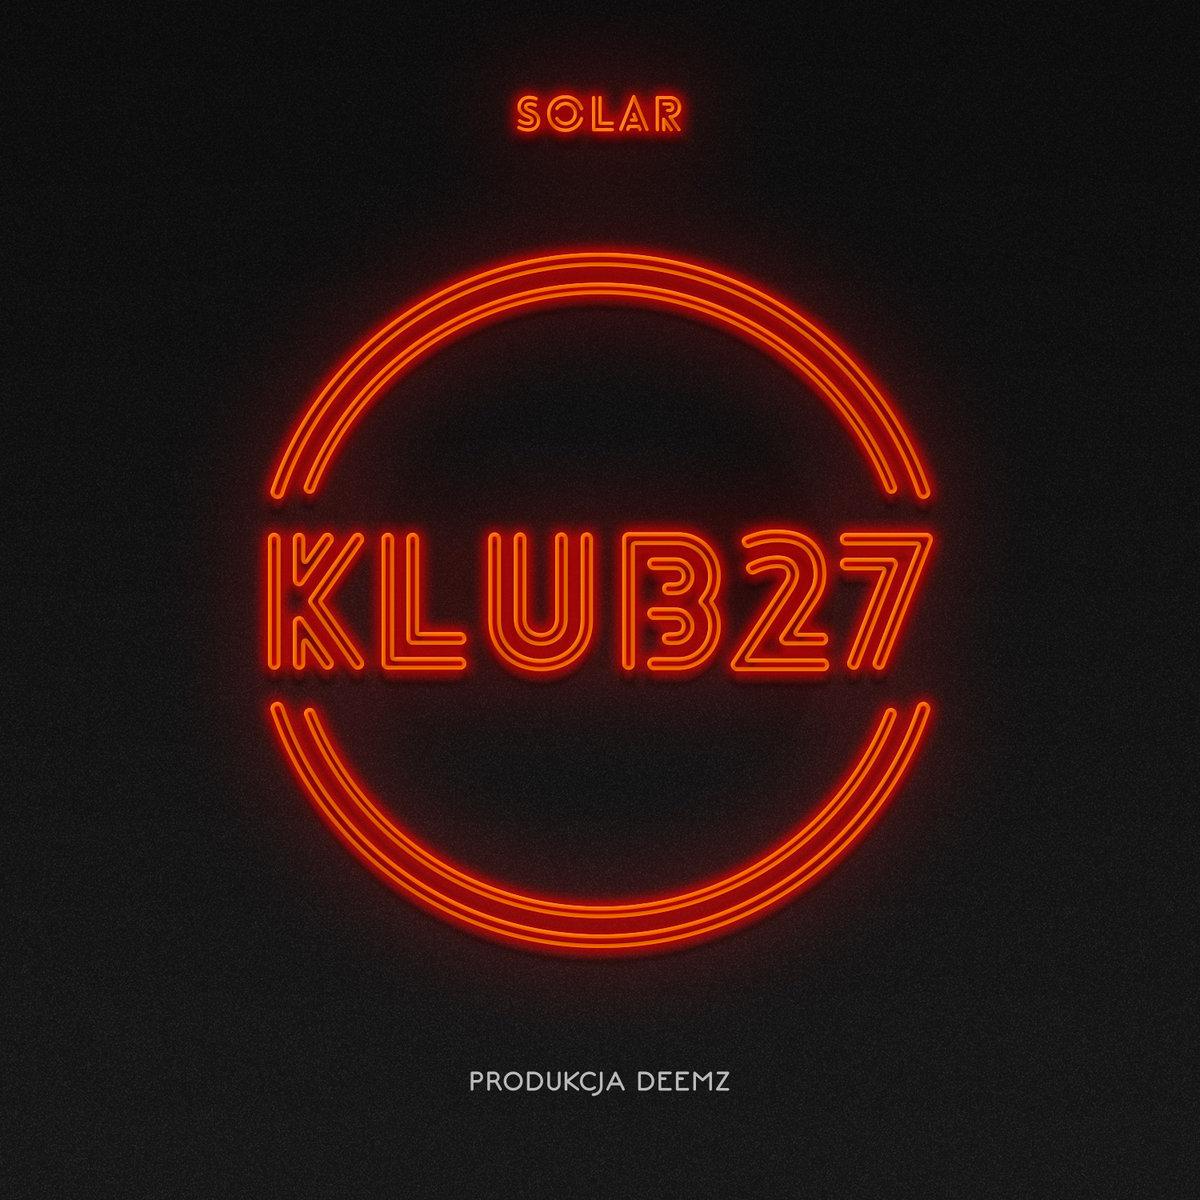 PŁYTA CD SOLAR KLUB 27